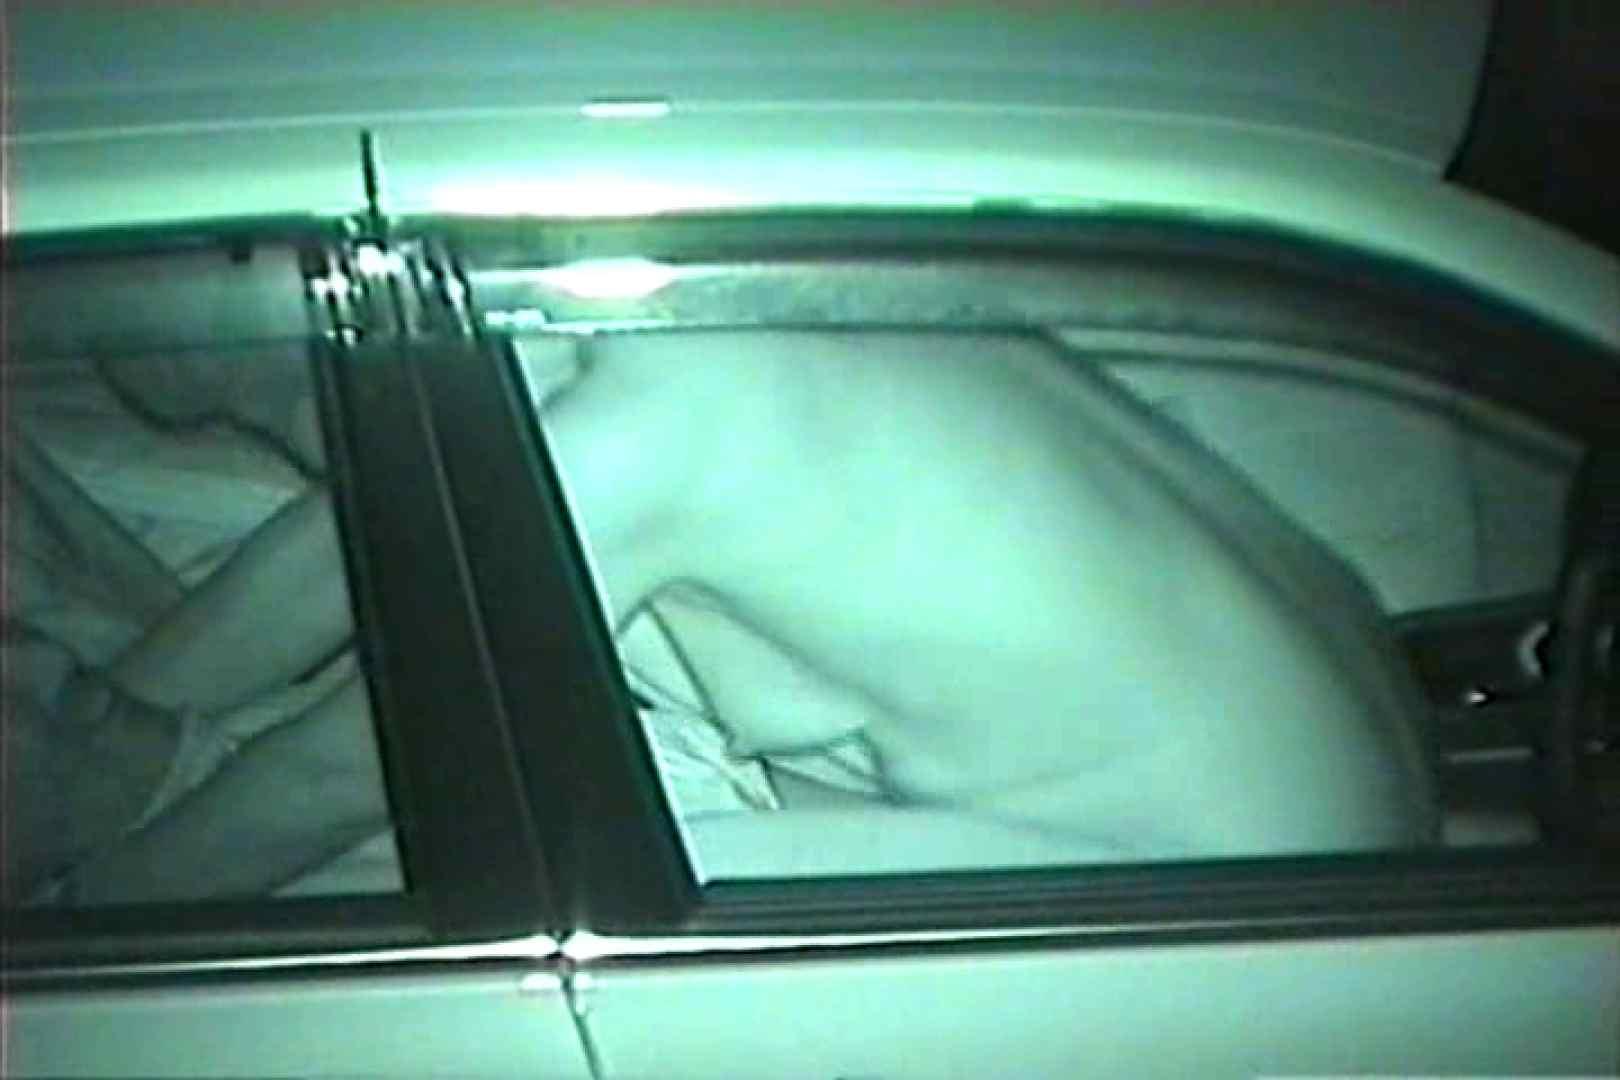 車の中はラブホテル 無修正版  Vol.28 カップル 盗撮画像 99pic 75